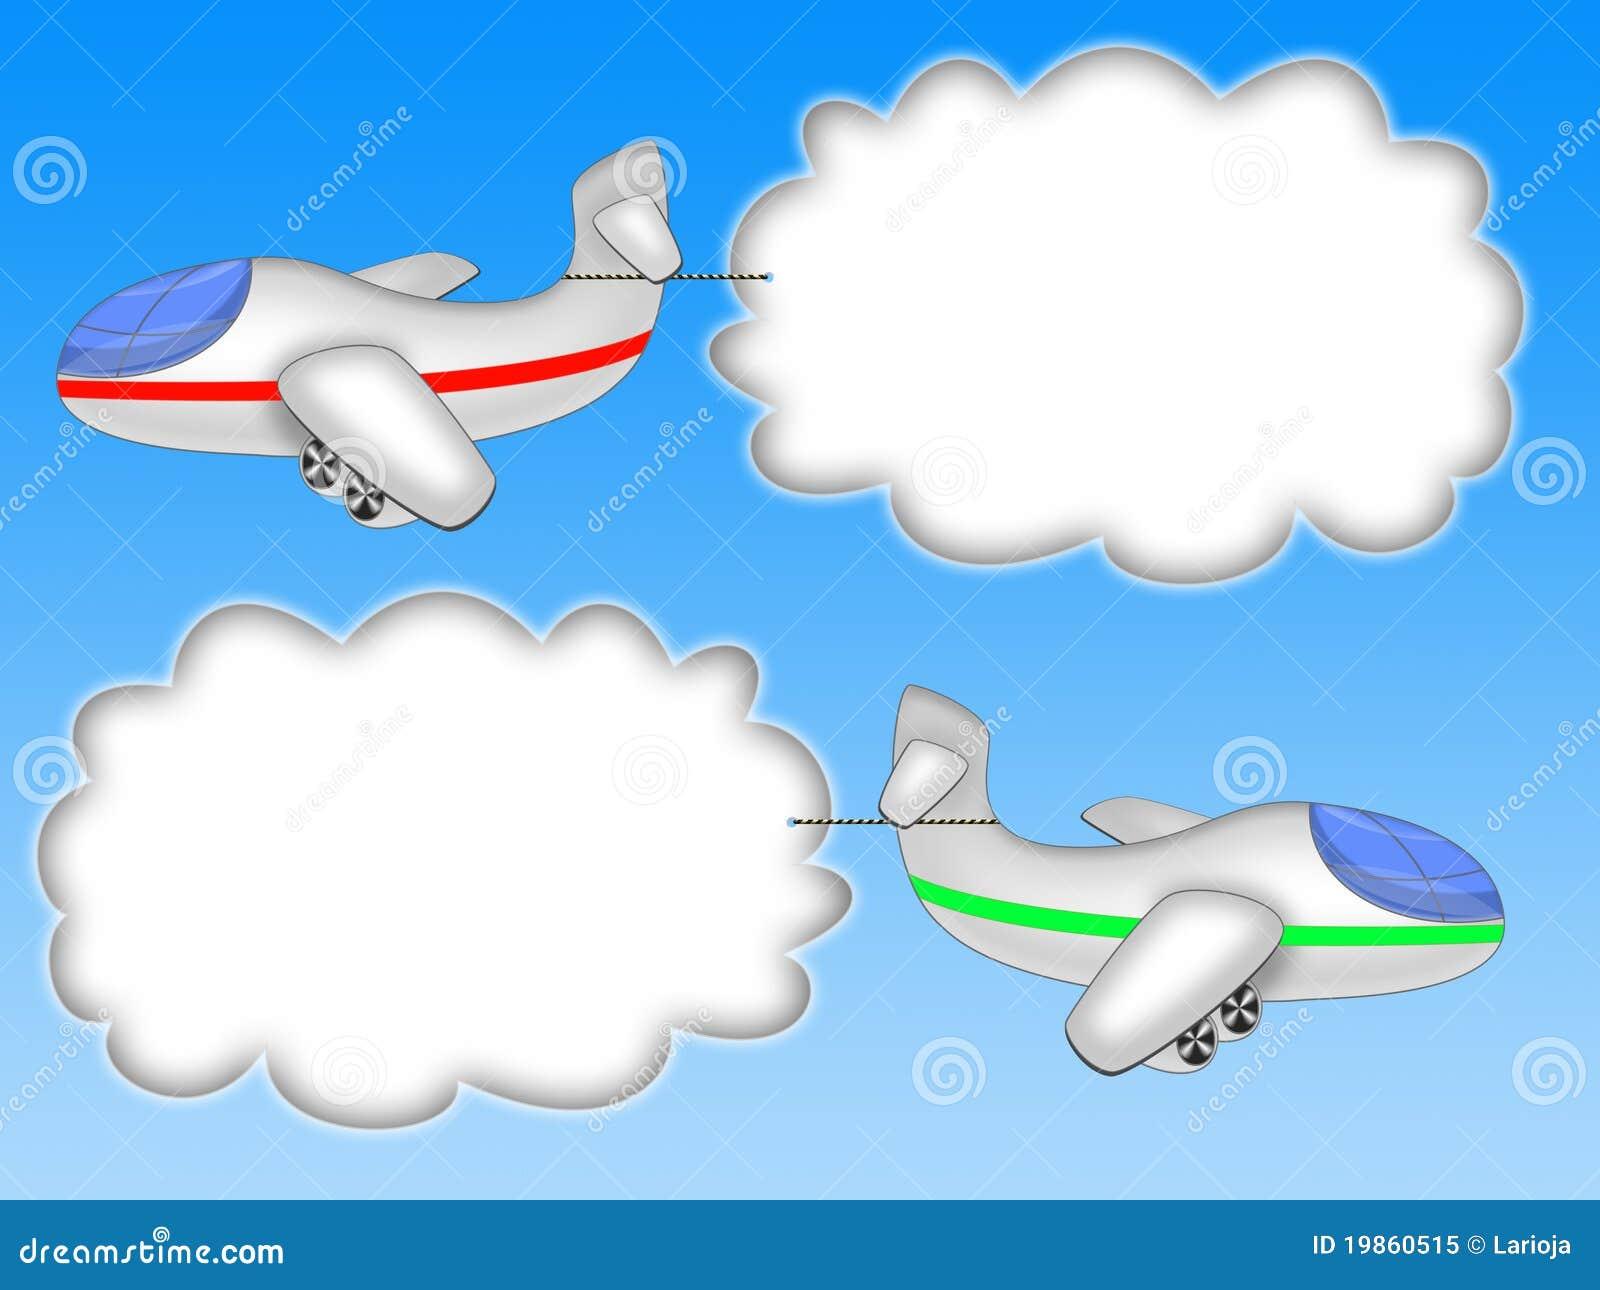 背景横幅蓝色云彩飞机二